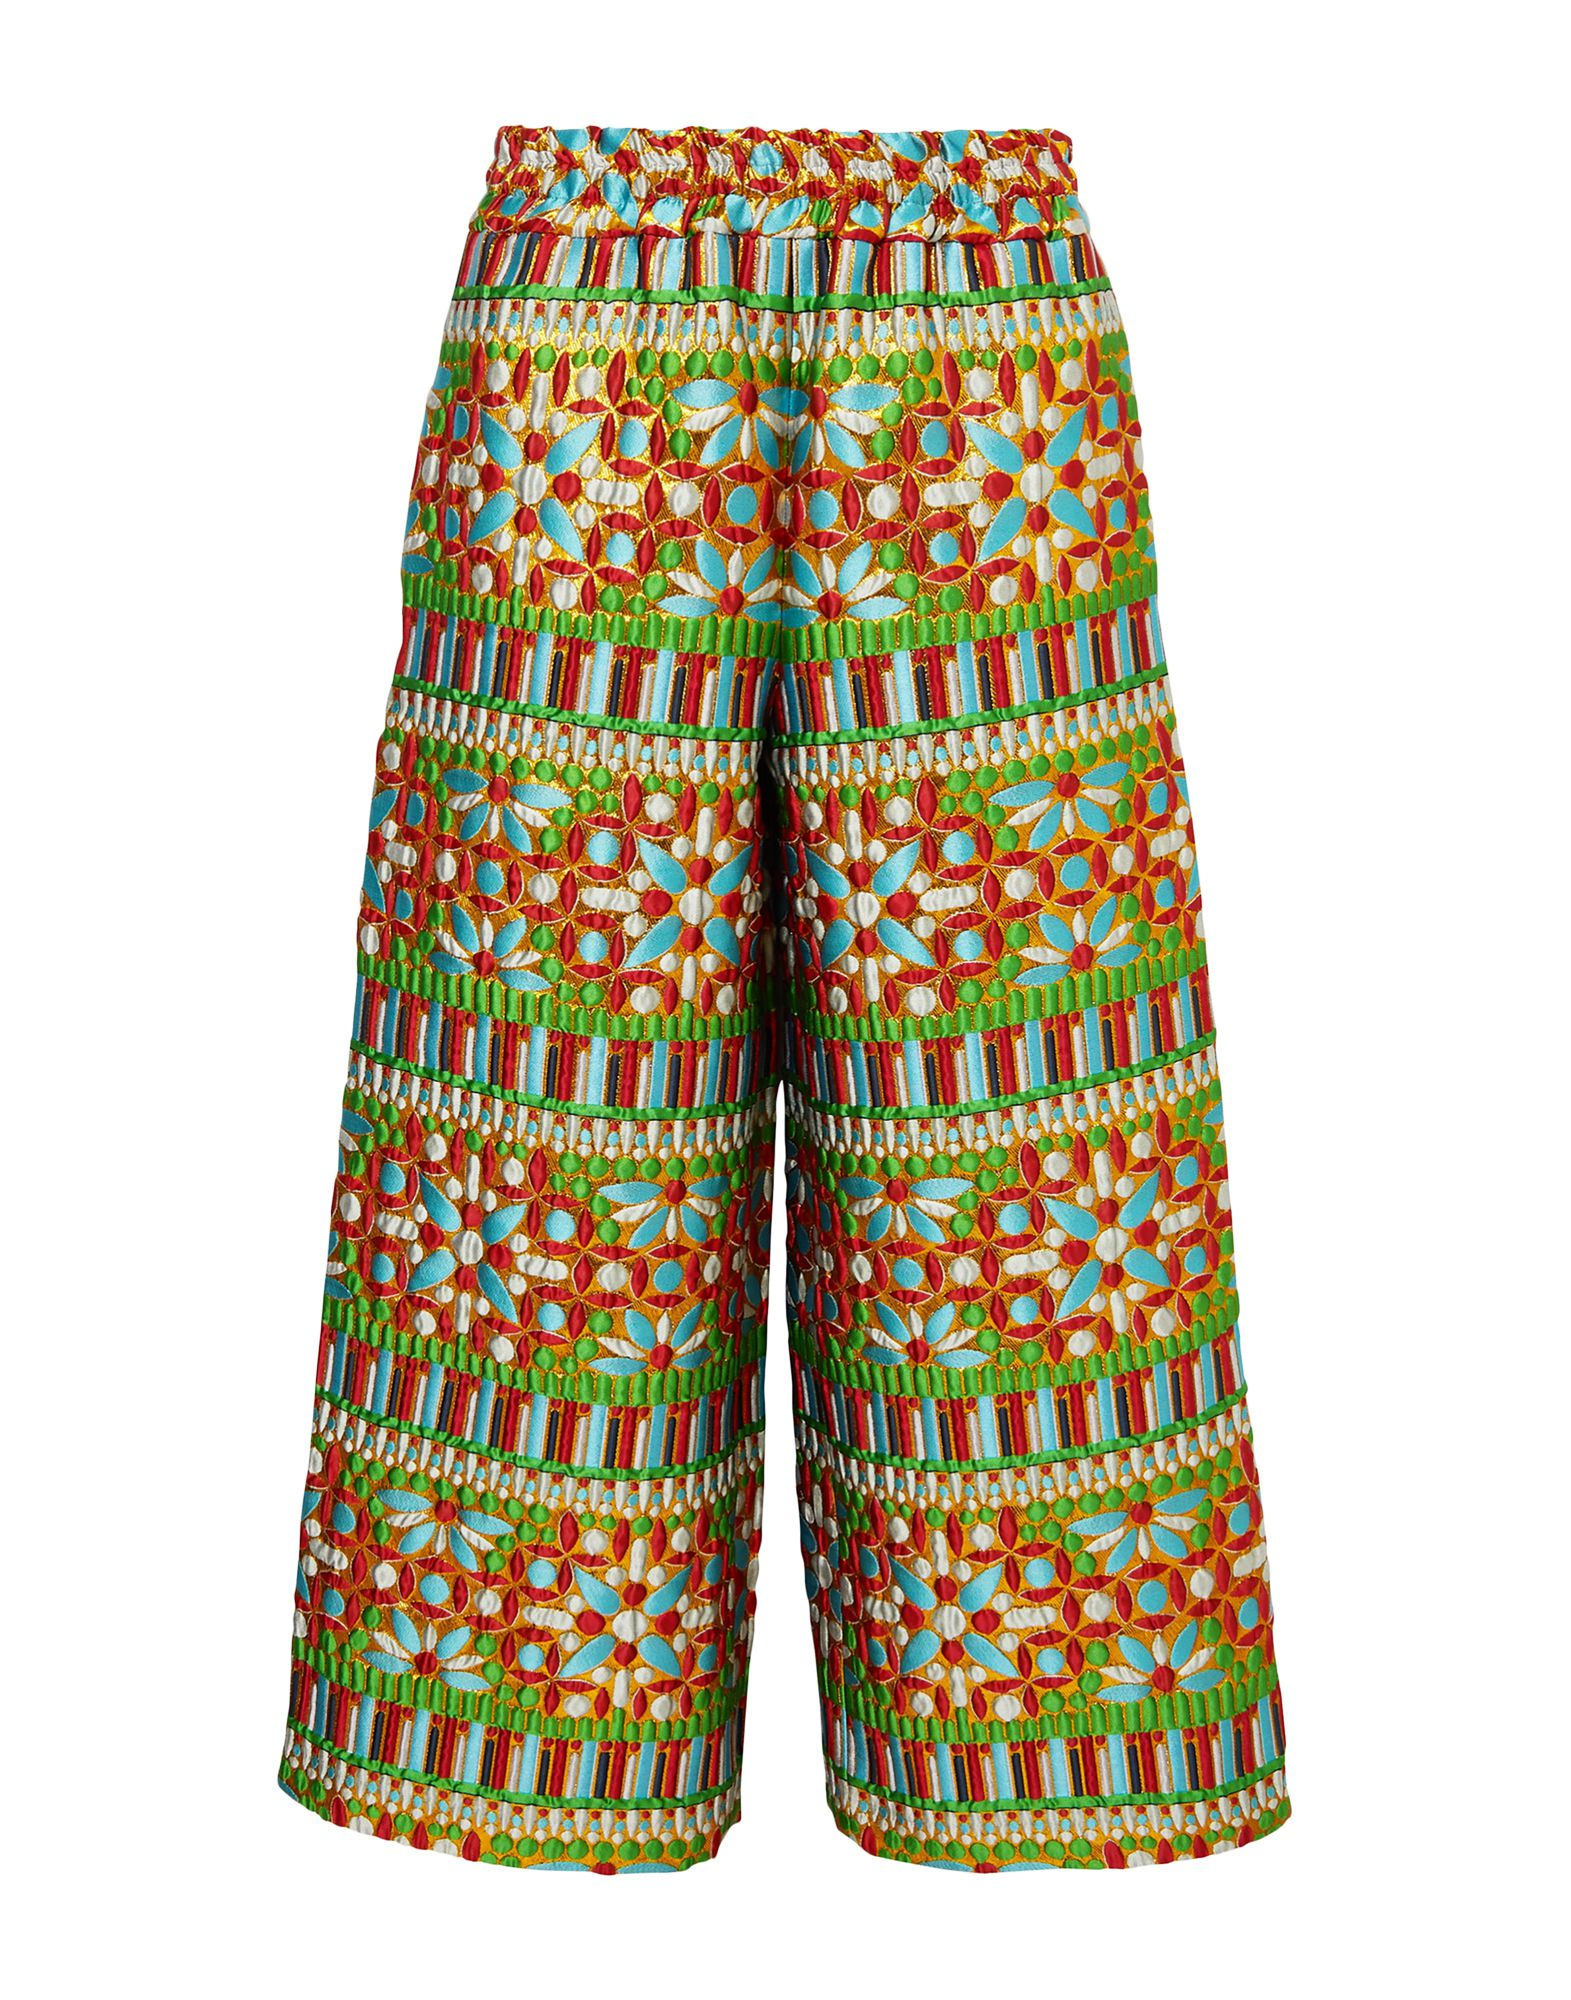 RIANNA + NINA Повседневные брюки nina повседневные брюки